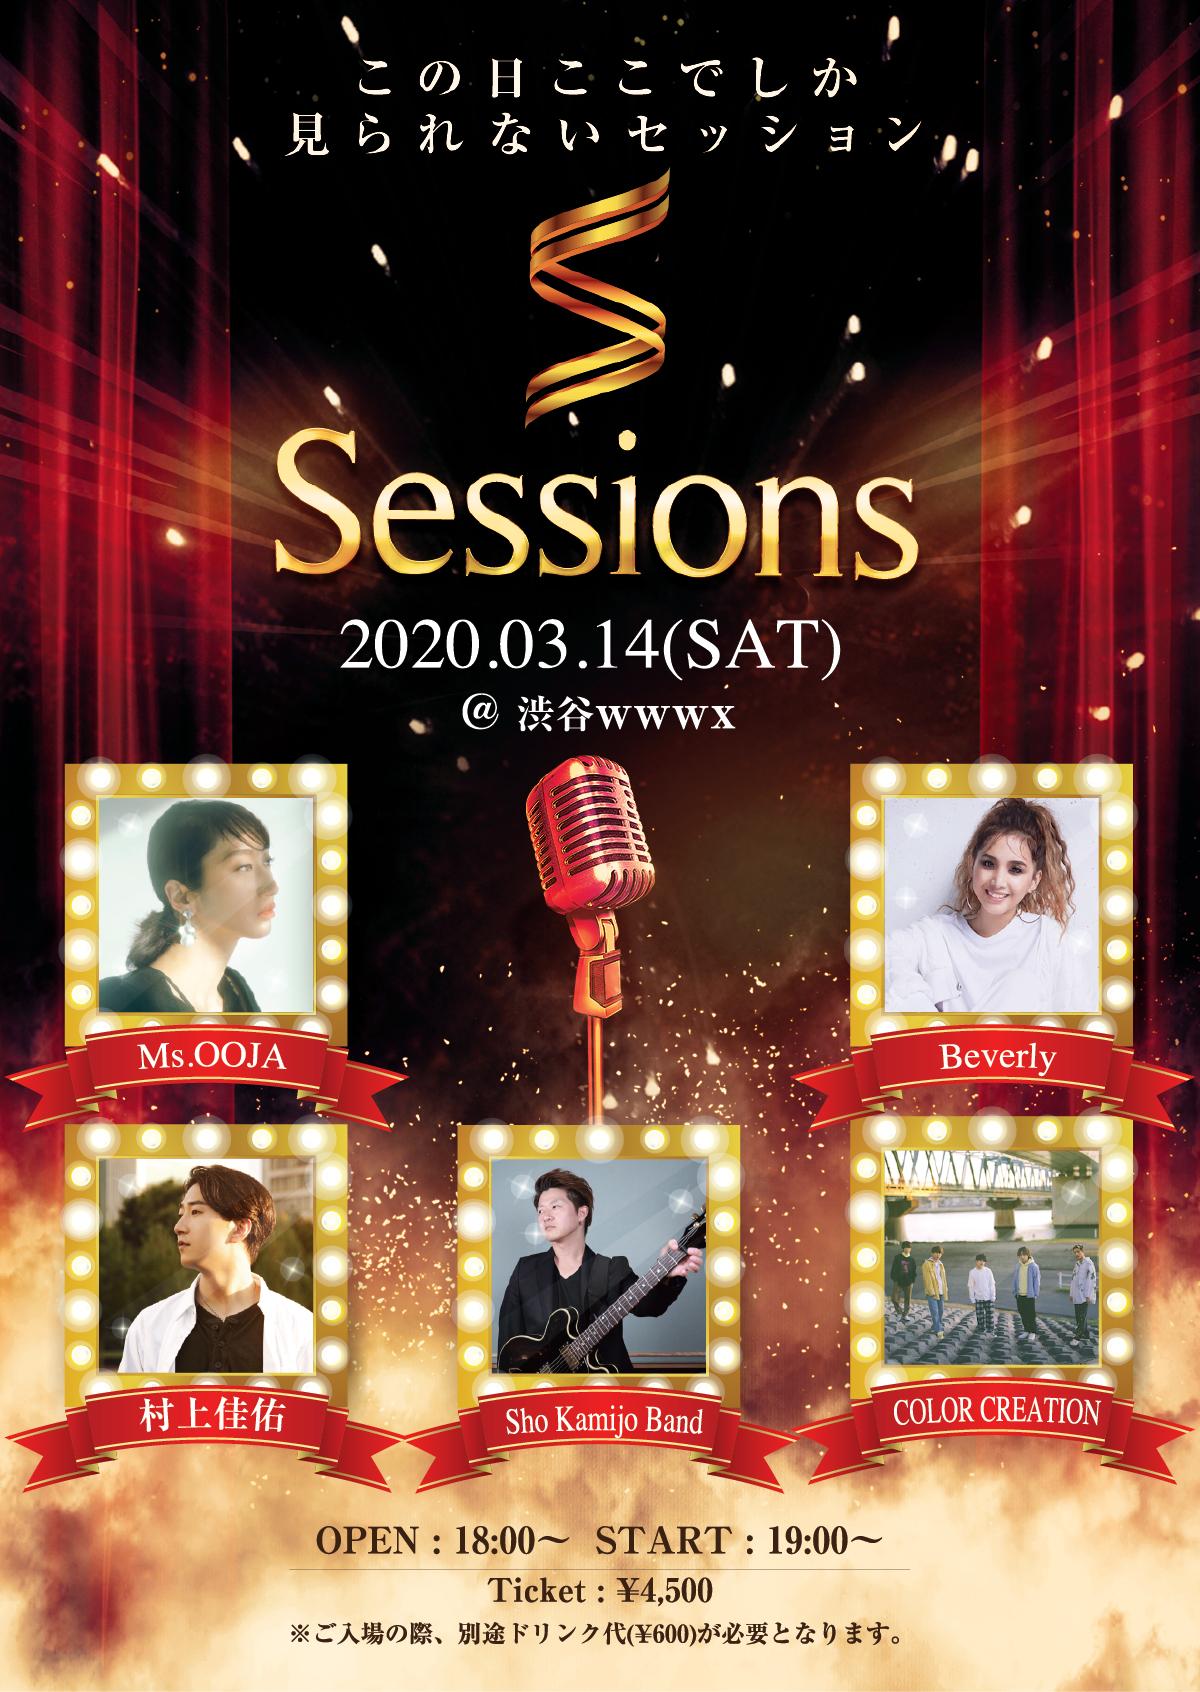 R&B系実力派アーティストが豪華生バンドで競演する「Sessions」3月14日渋谷WWW Xにて開催決定